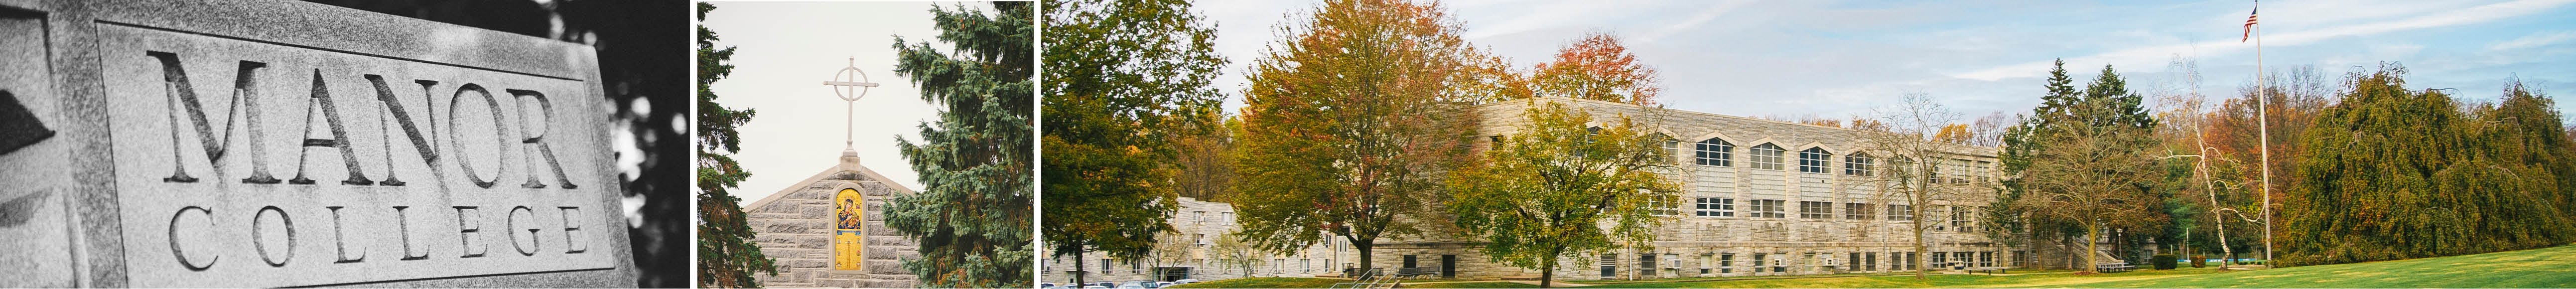 Image of Manor College Campus